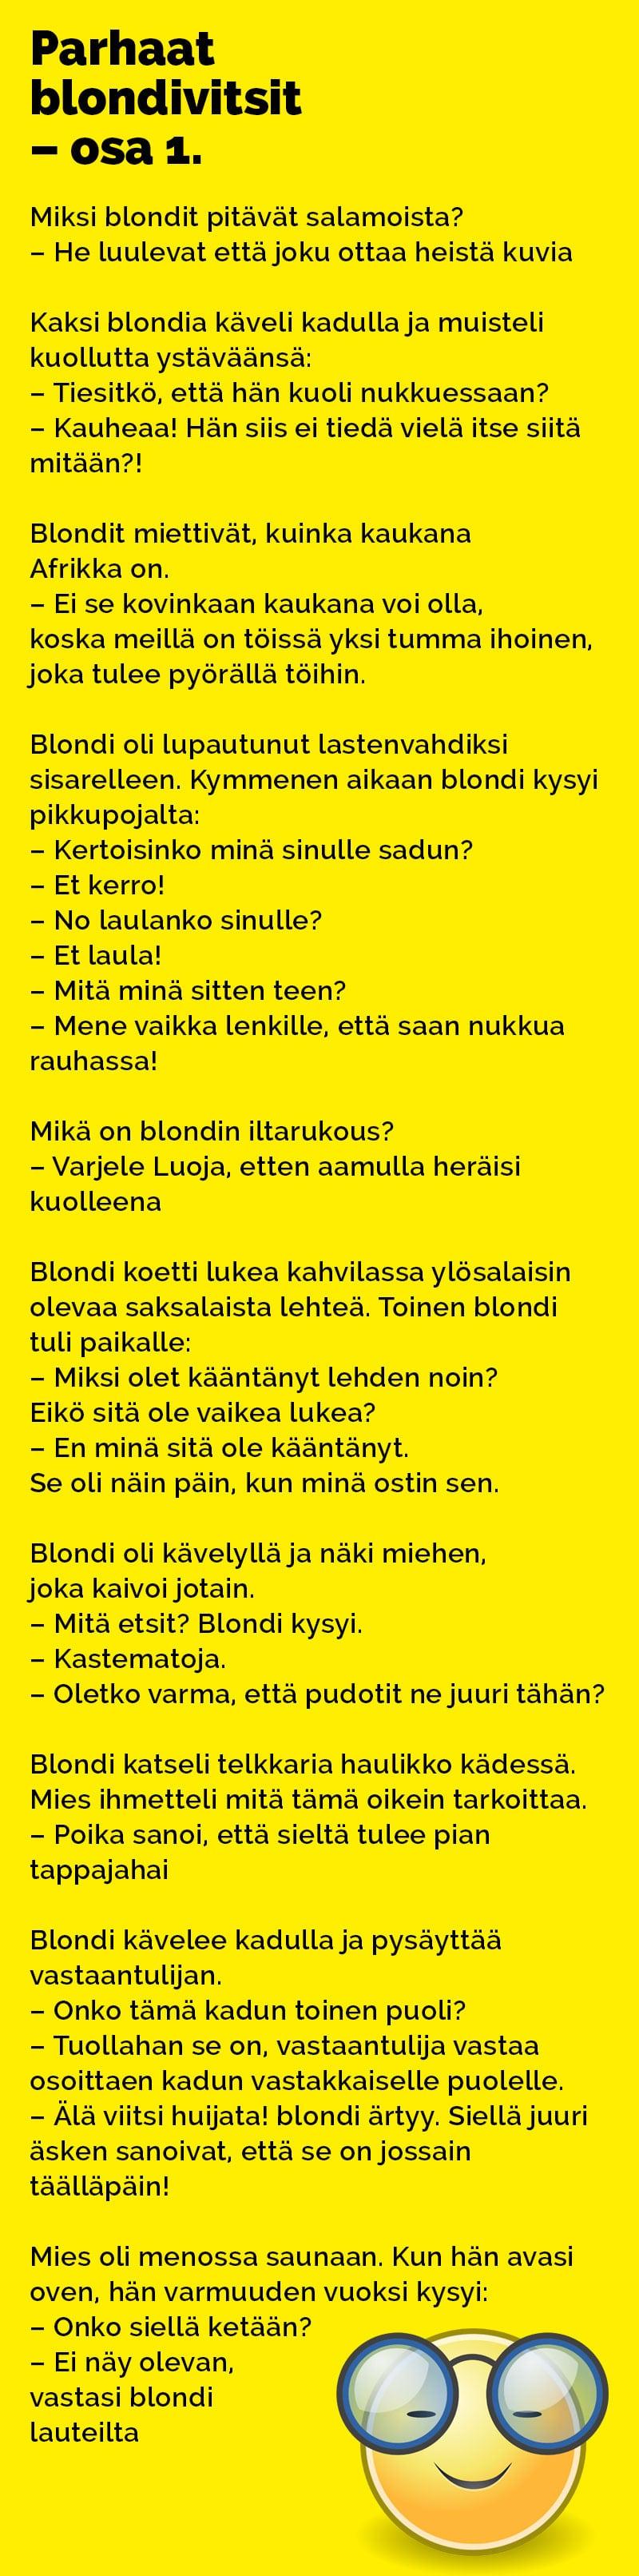 Blondivitsit